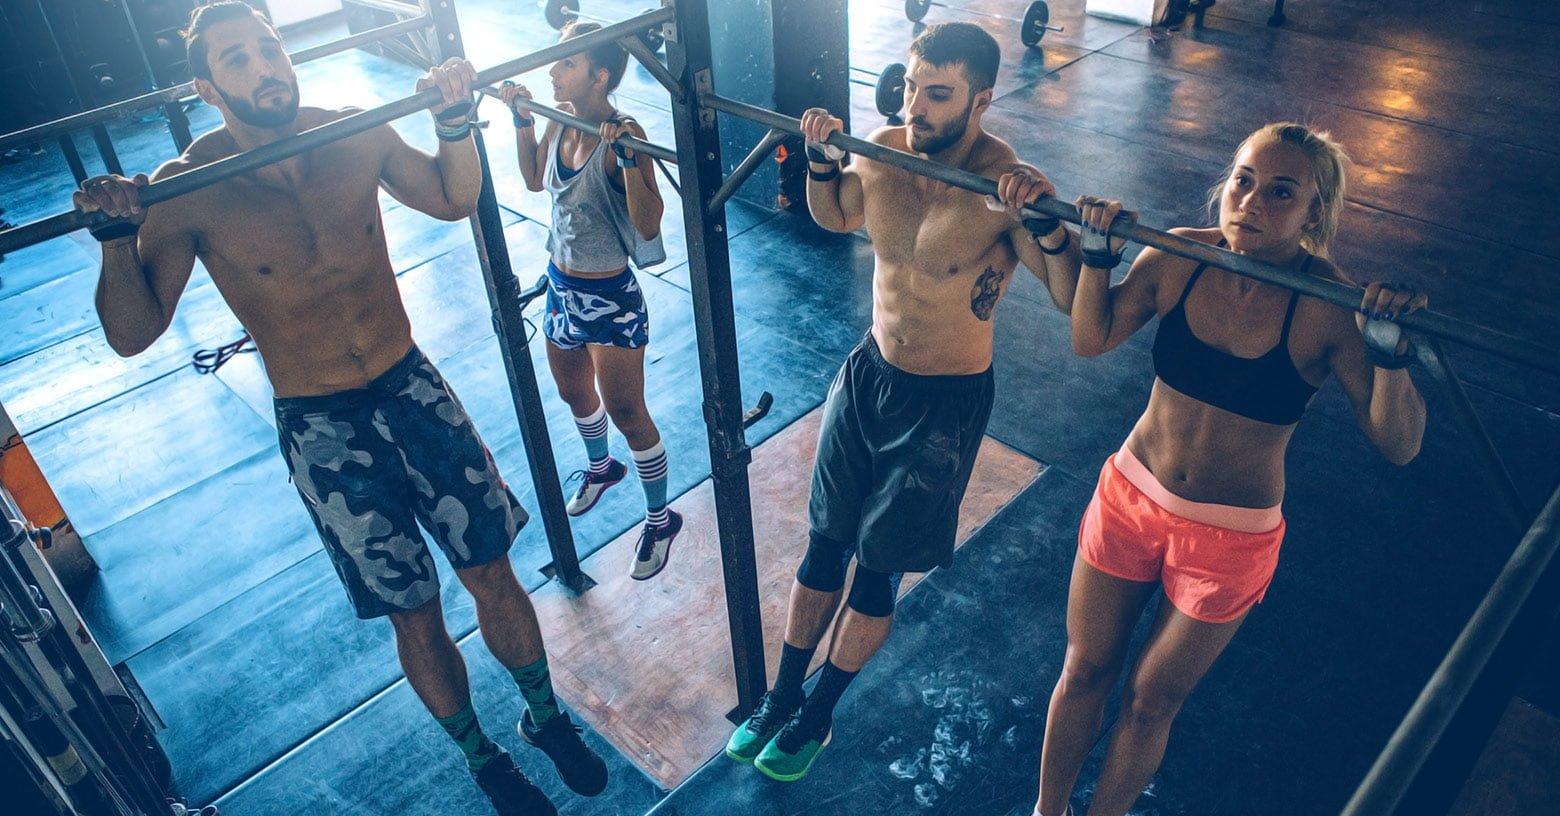 cardio-bodyweight - Cardio-Eigengewicht - cardio poids corporel - EVO Fitness